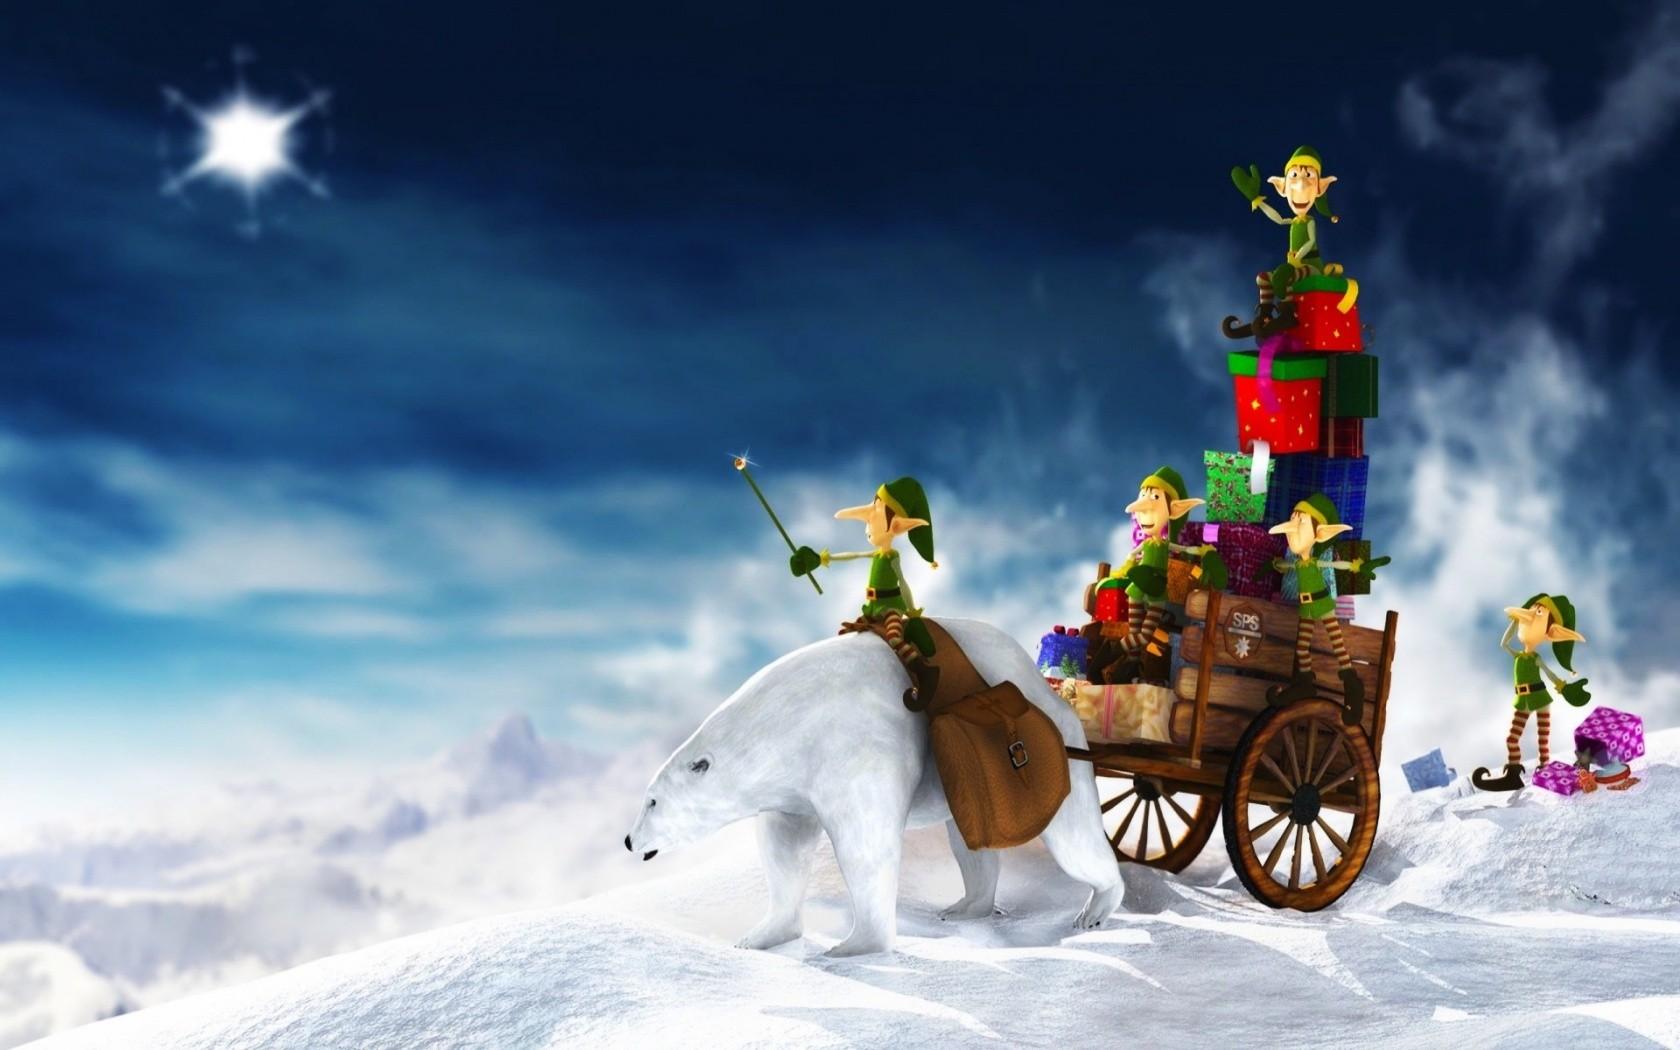 Duendes en navidad - 1680x1050